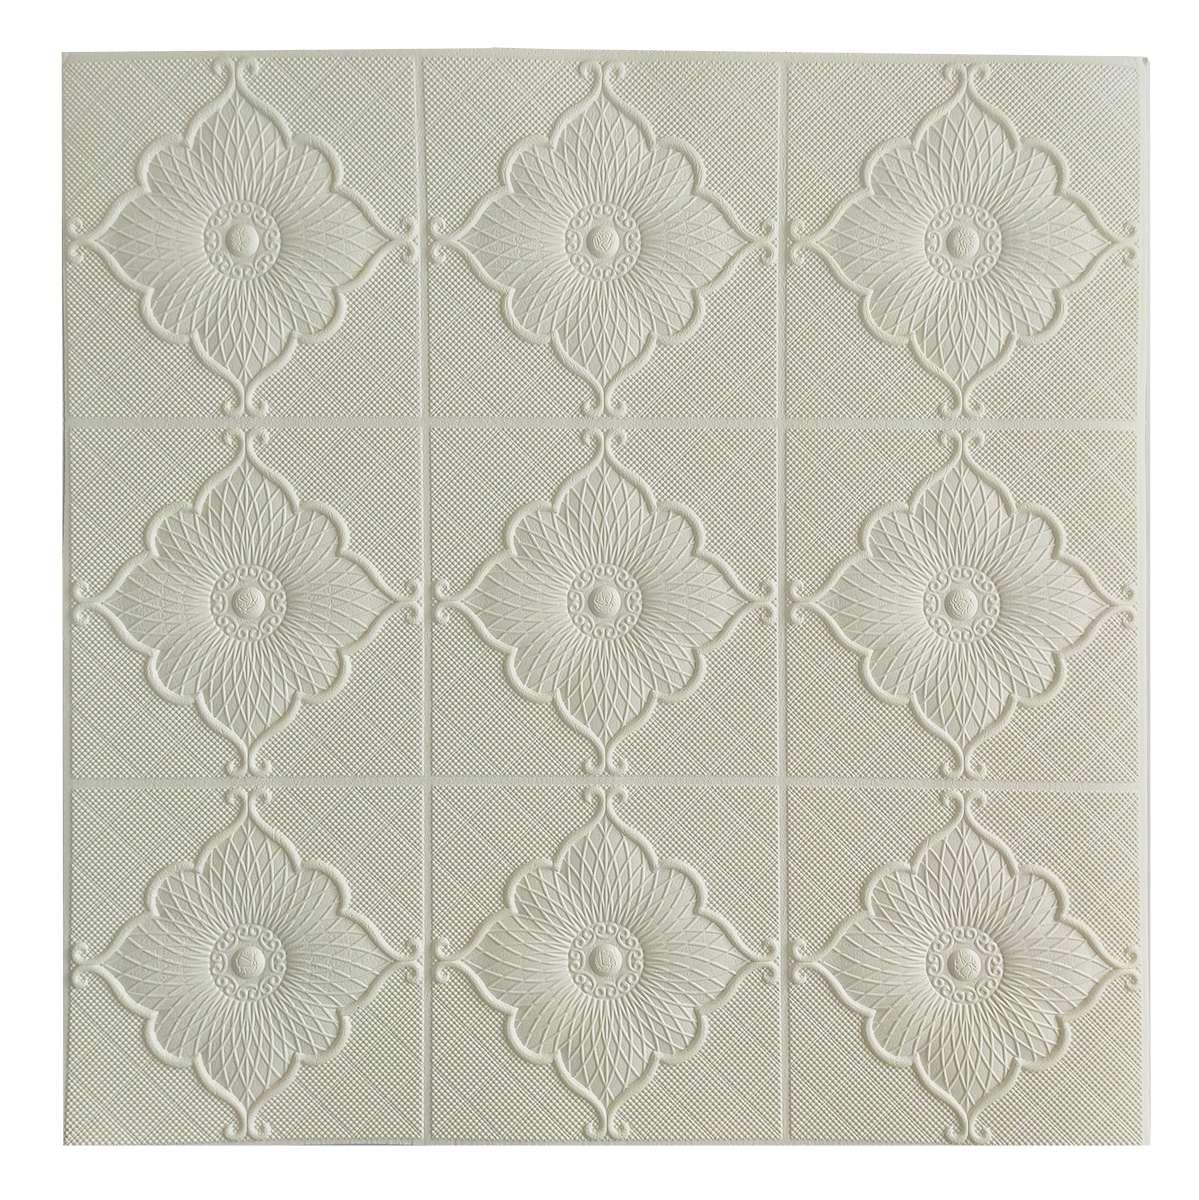 Самоклеющаяся декоративная потолочная 3D панель Лилия700x700x8мм